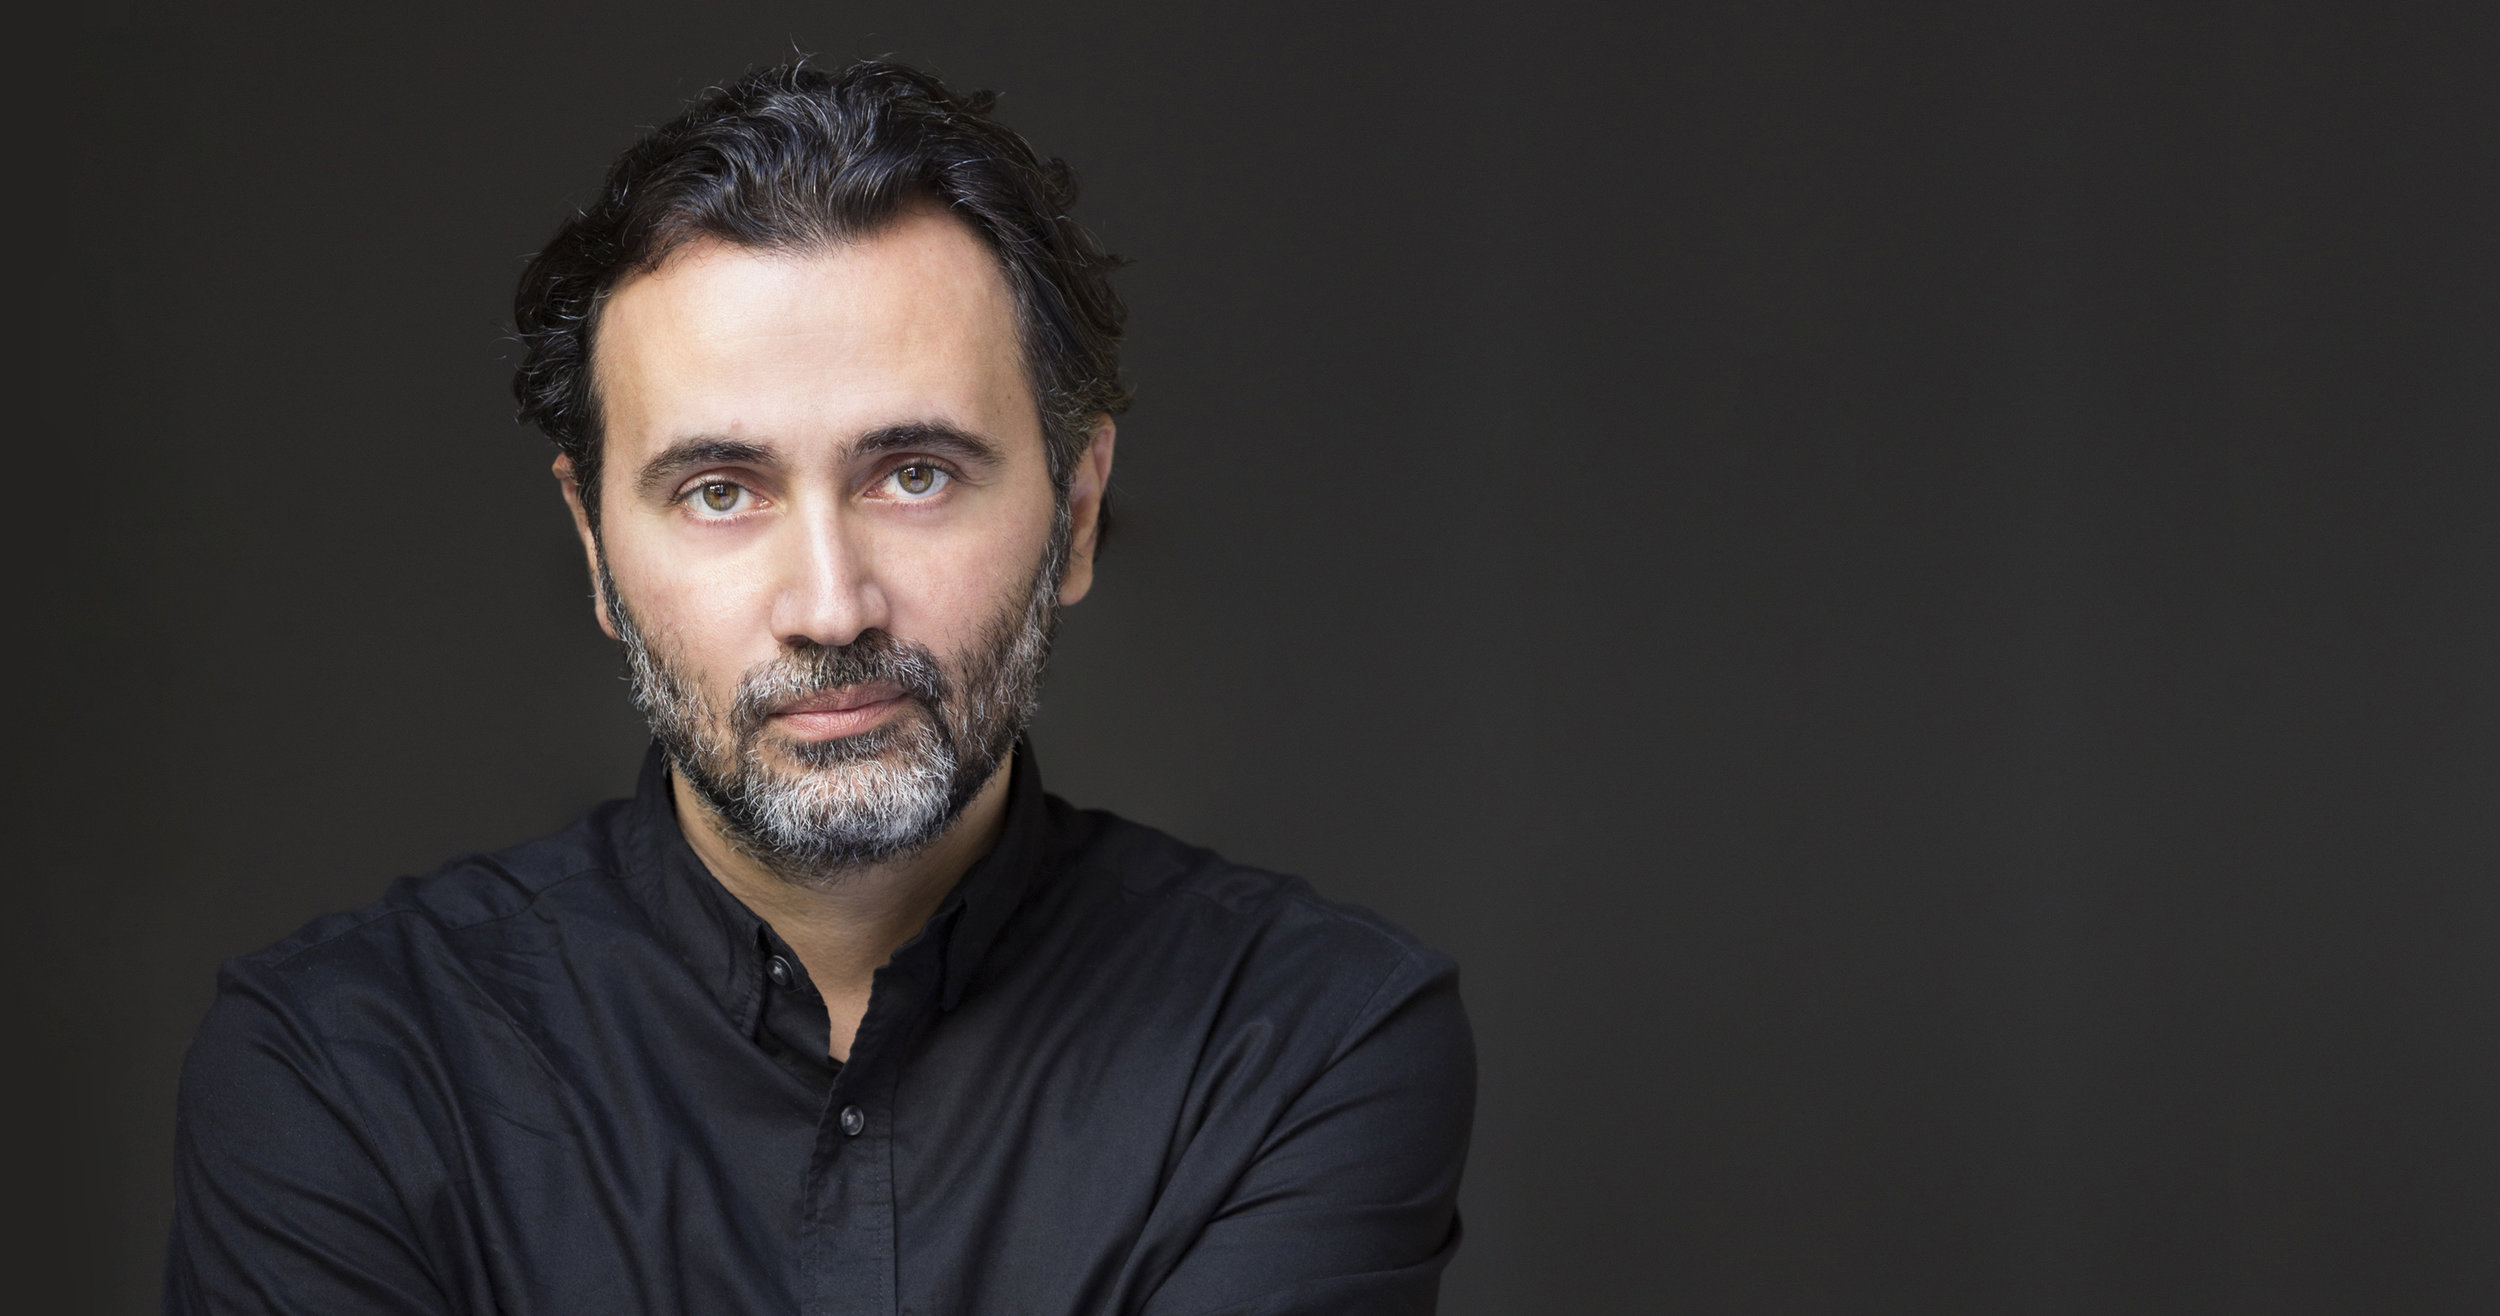 Talal Derki drehte seinen Film zwischen 2014 und 2016.